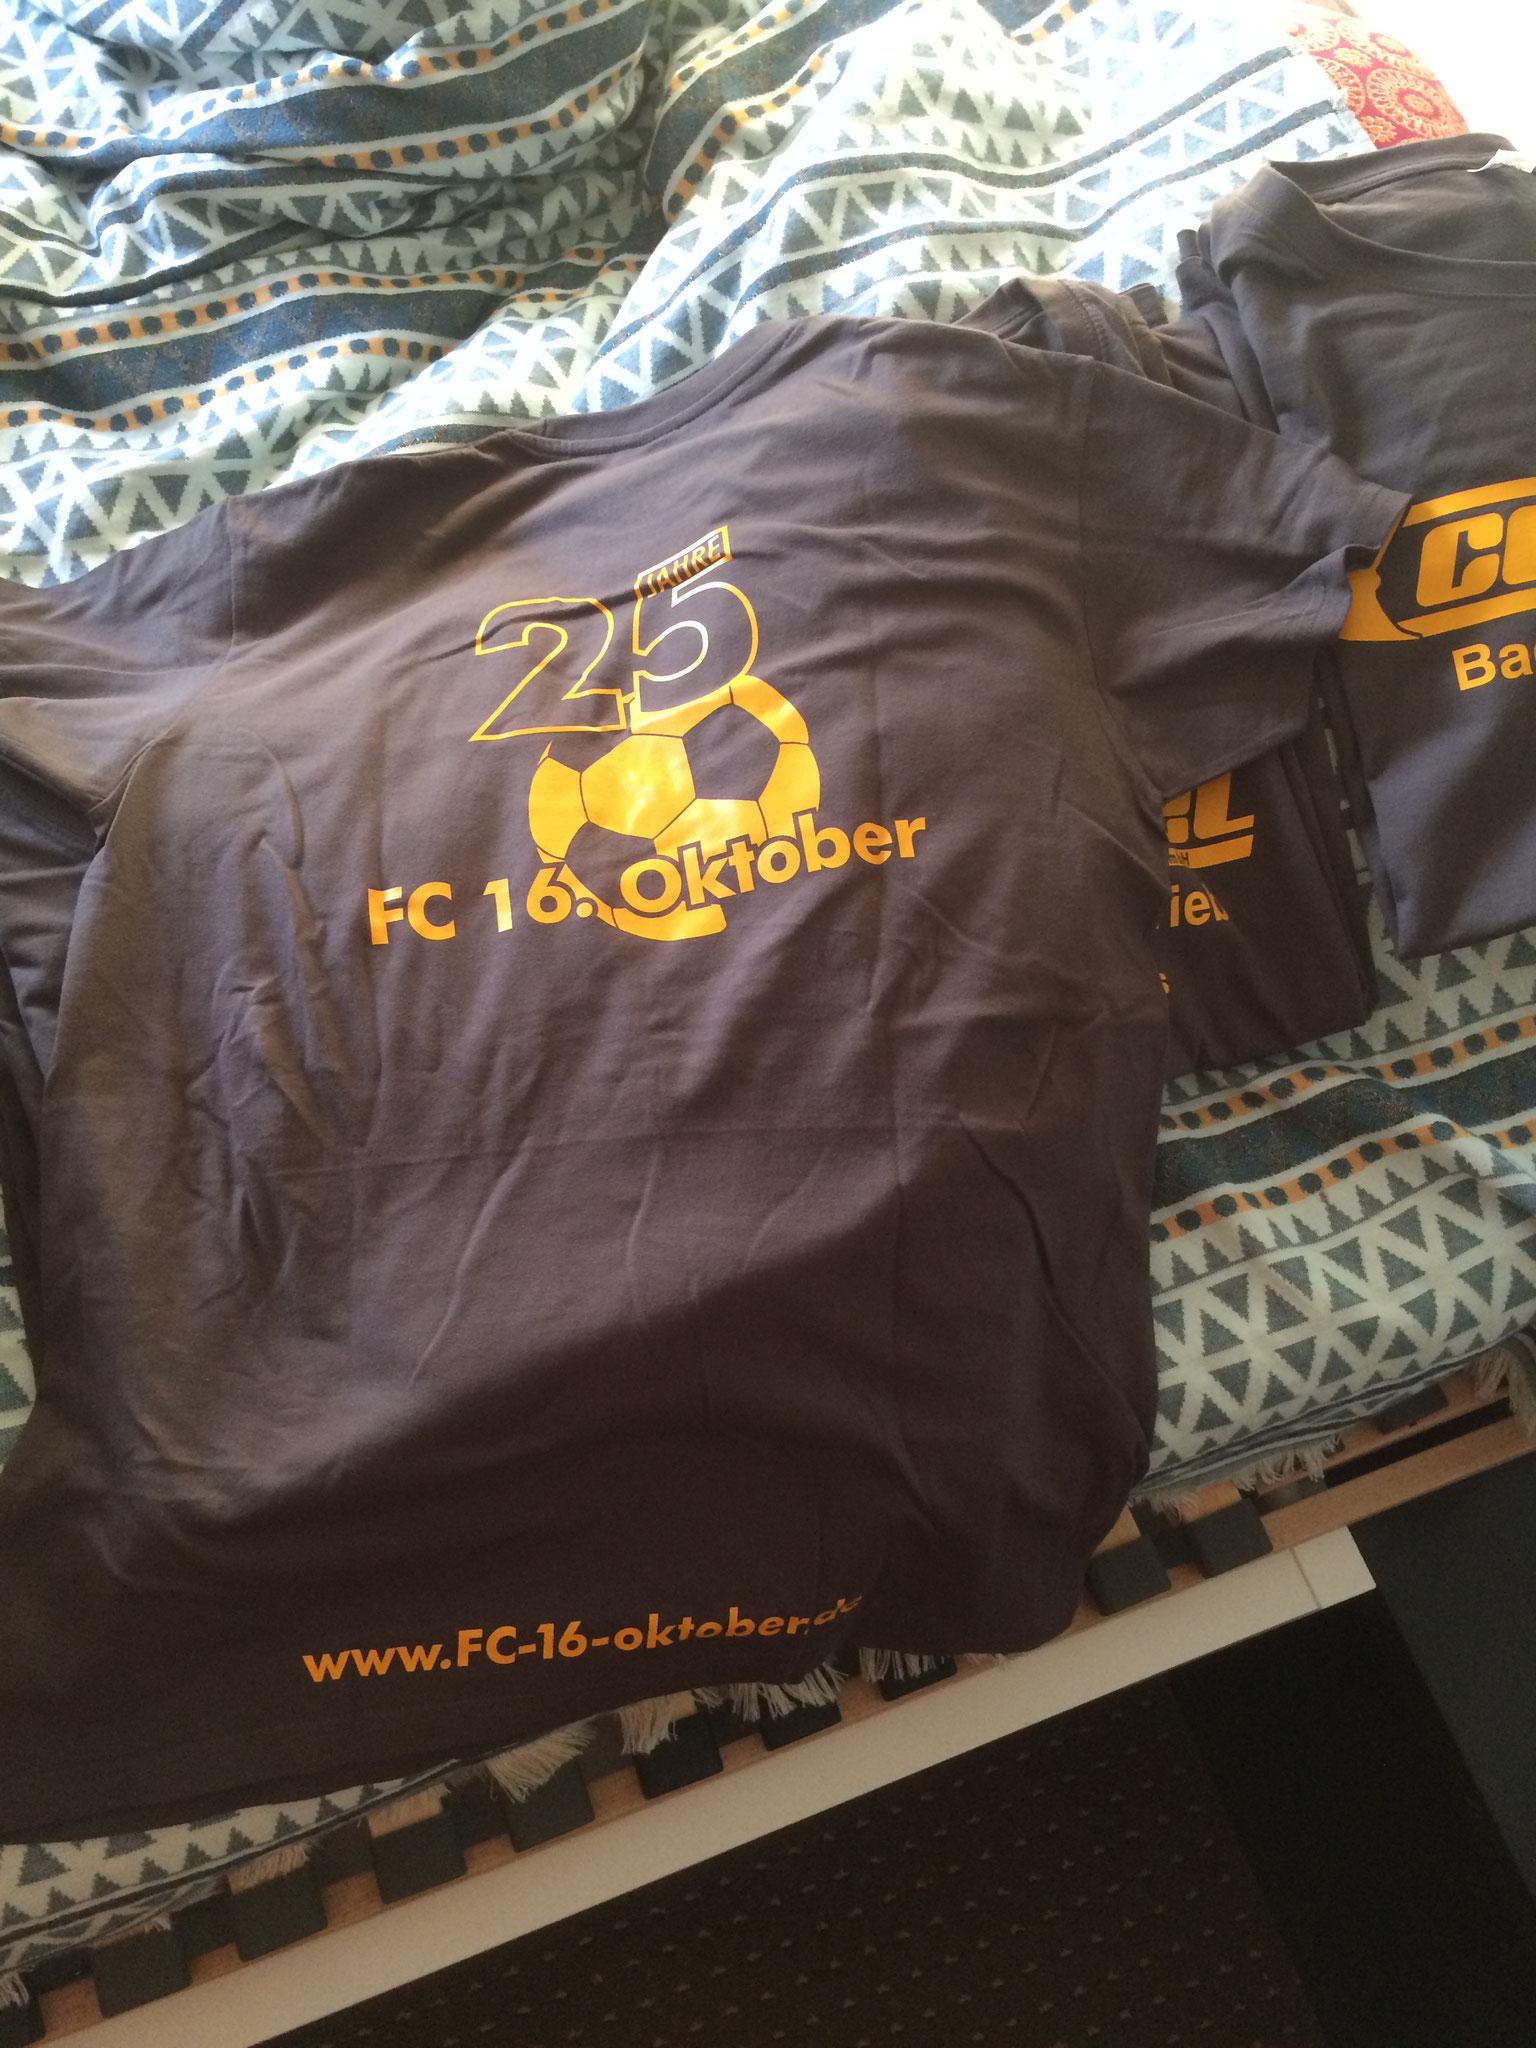 Logoentwurf, Shirts geliefert und bedruckt